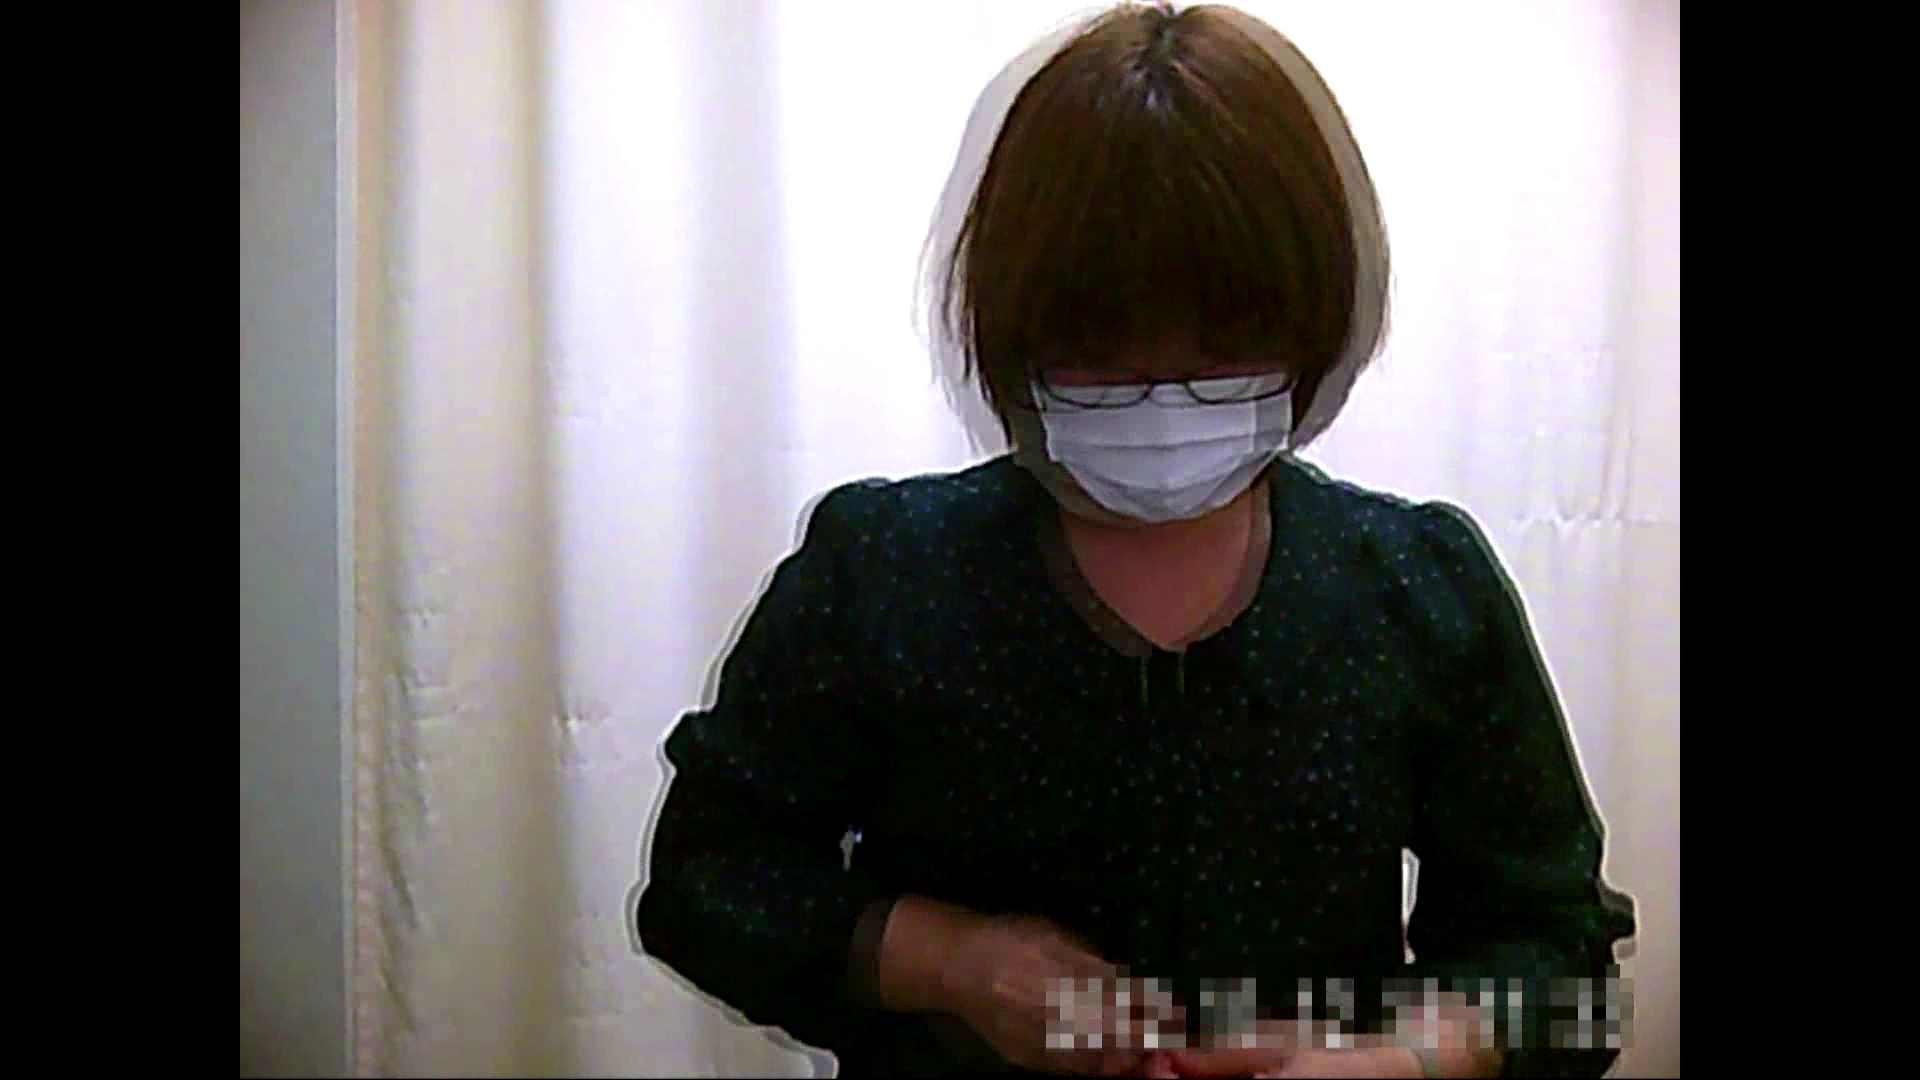 元医者による反抗 更衣室地獄絵巻 vol.061 OLハメ撮り  91Pix 53